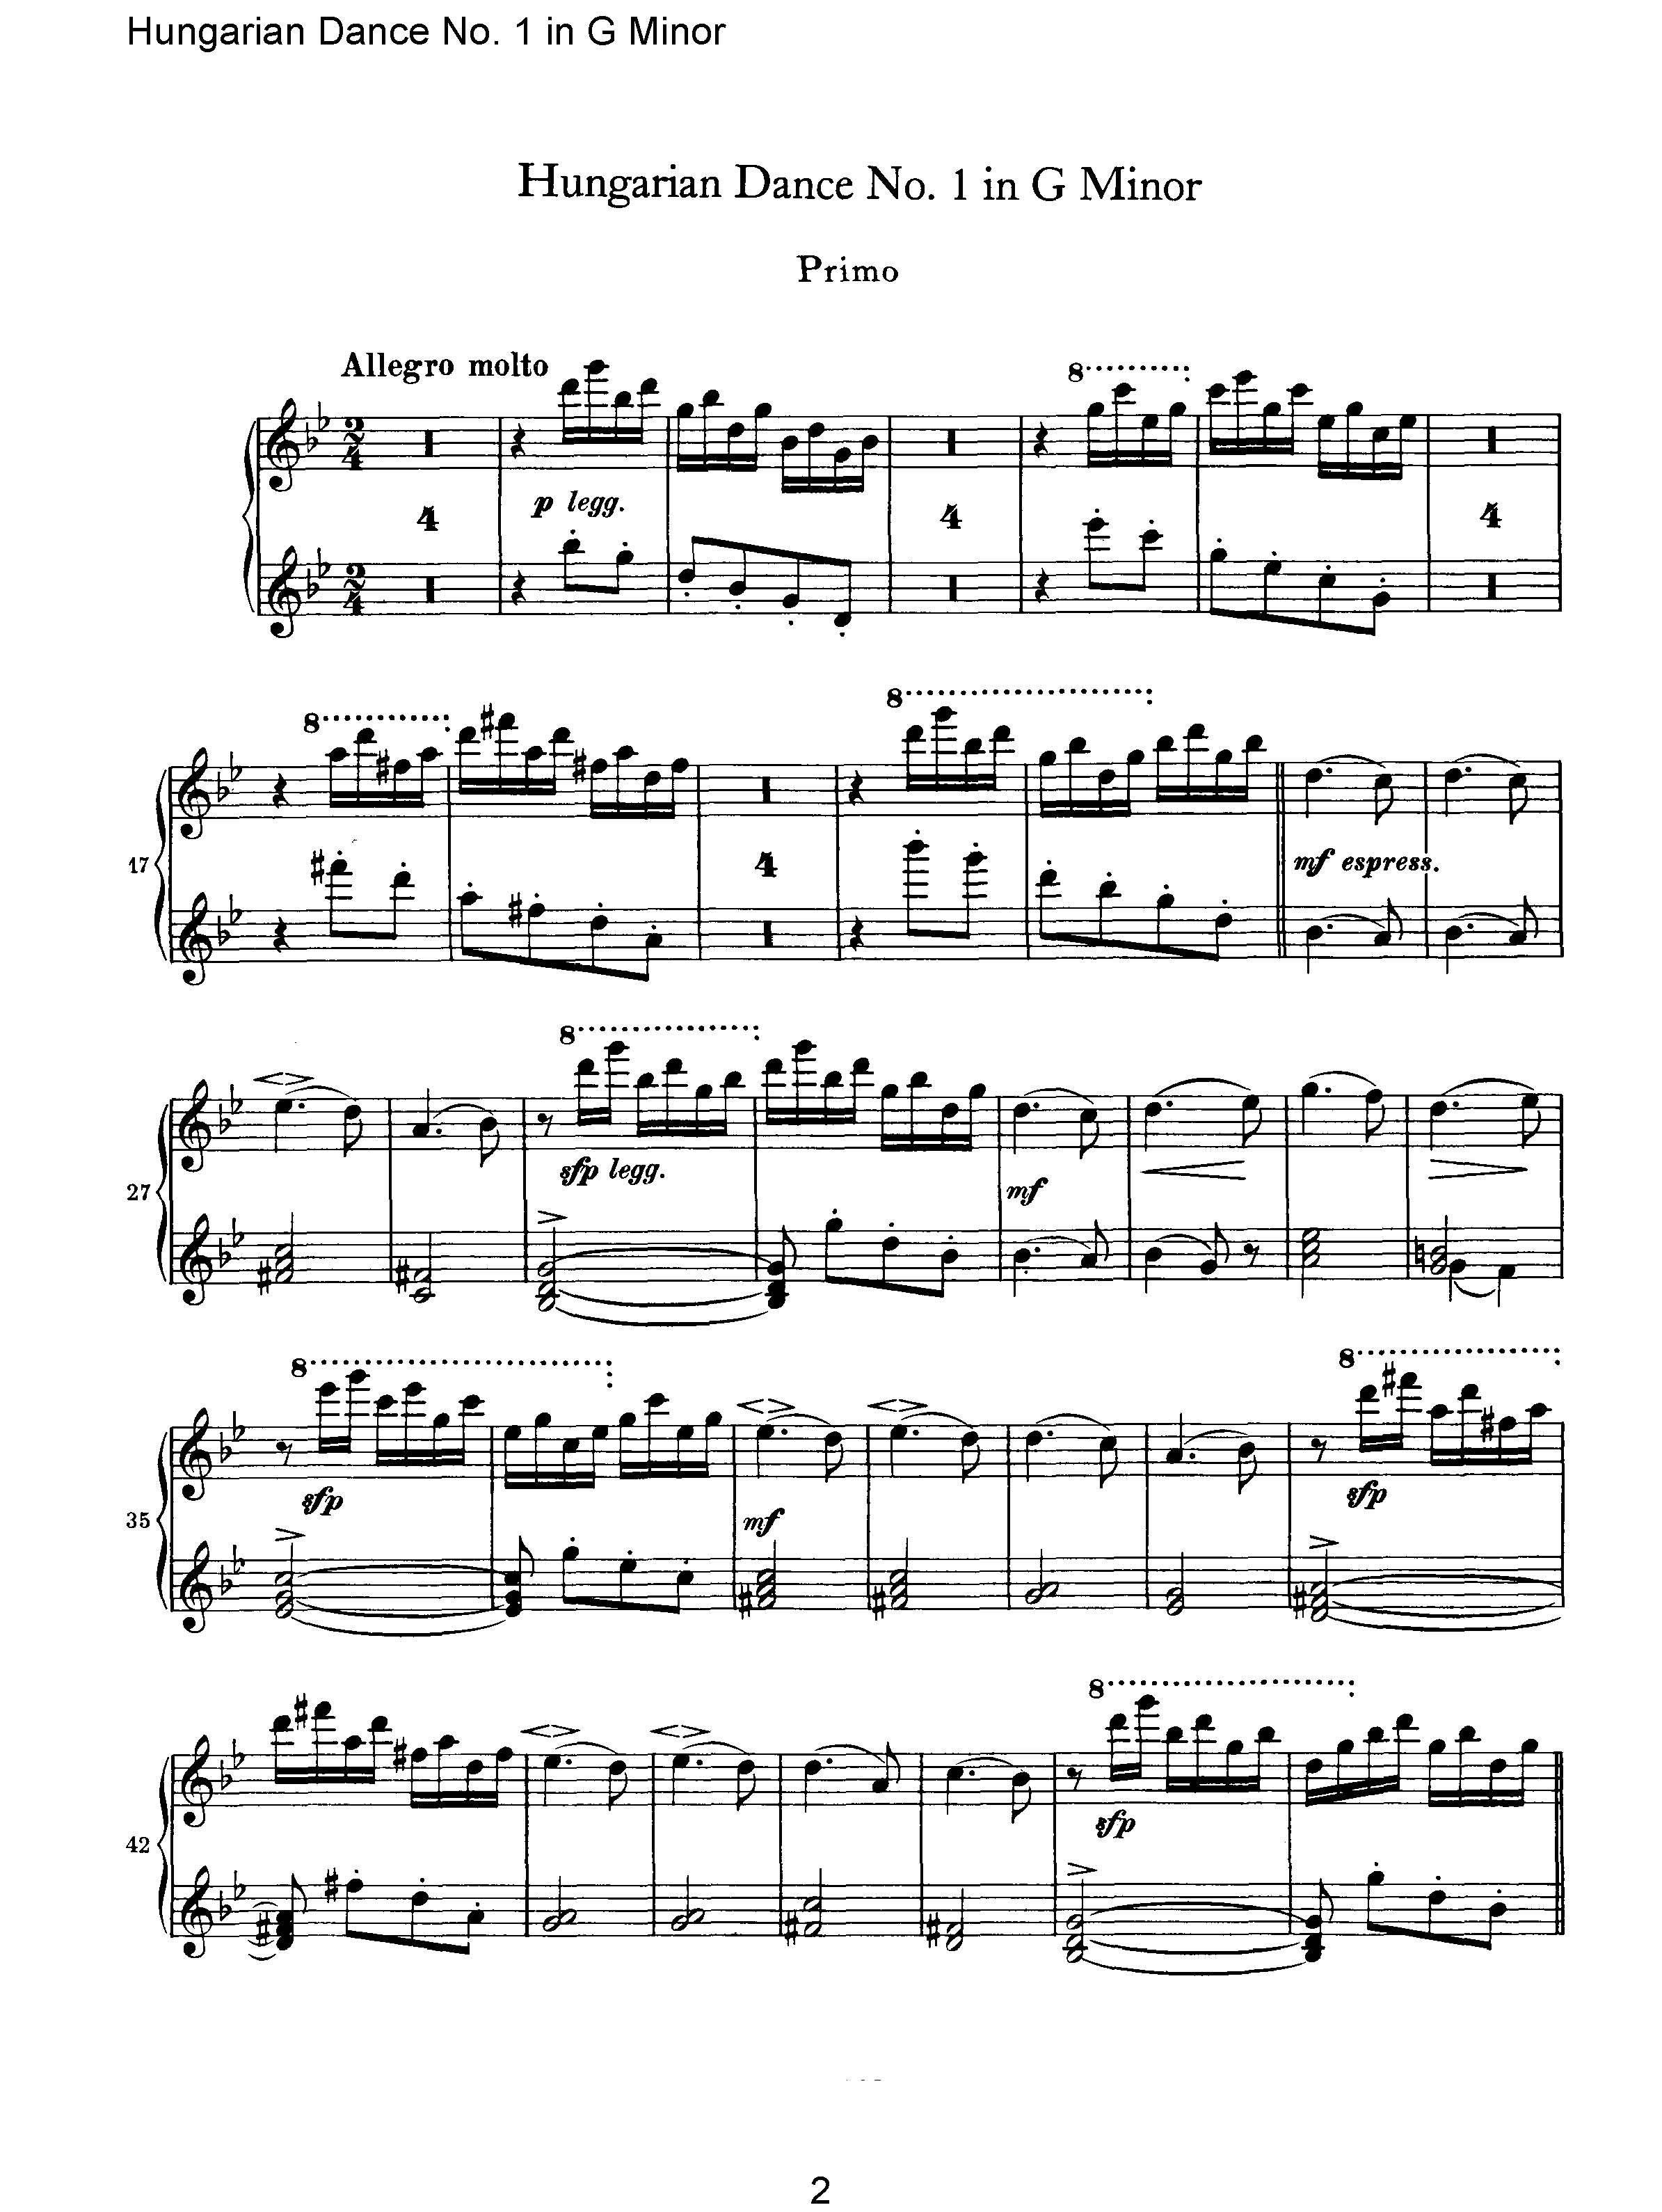 匈牙利舞曲第一号四手联弹钢琴谱图片